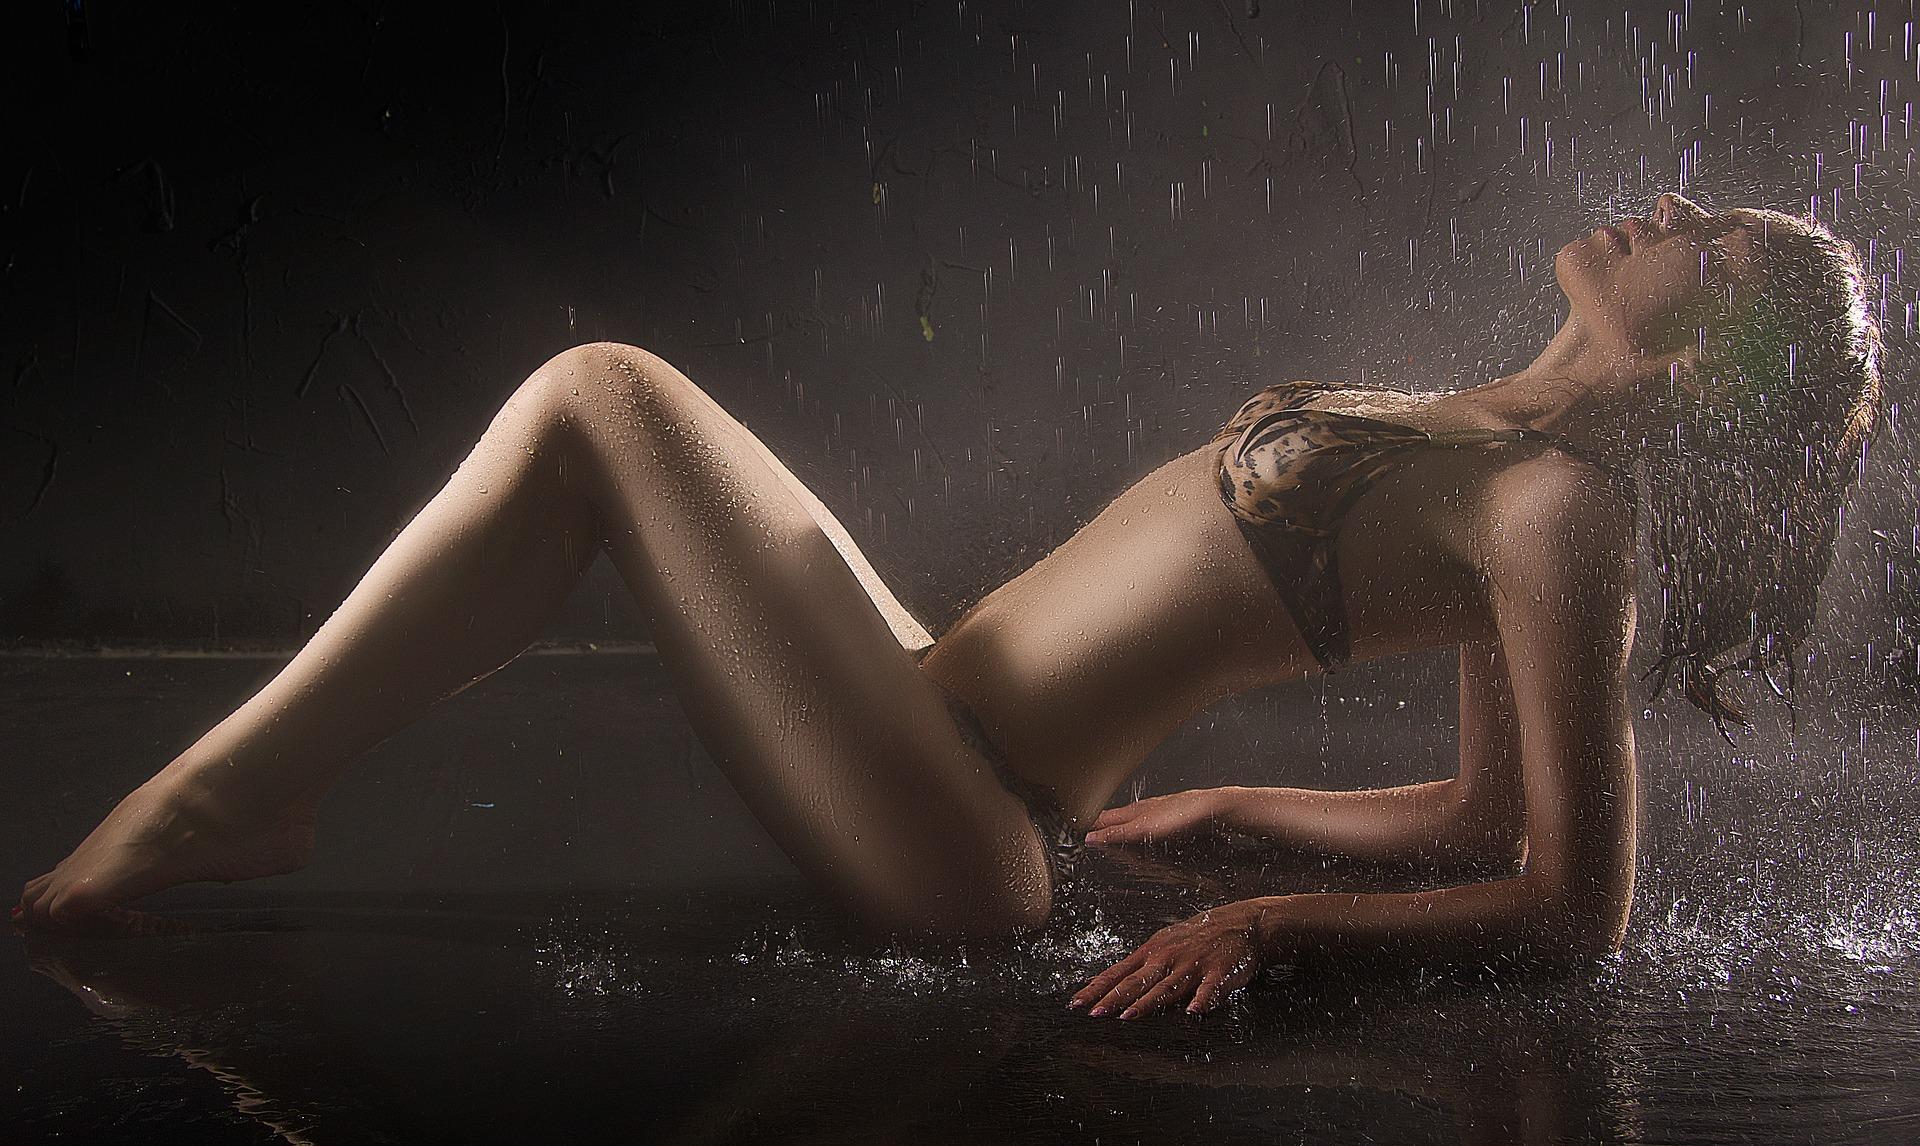 ragazza in costume e pioggia